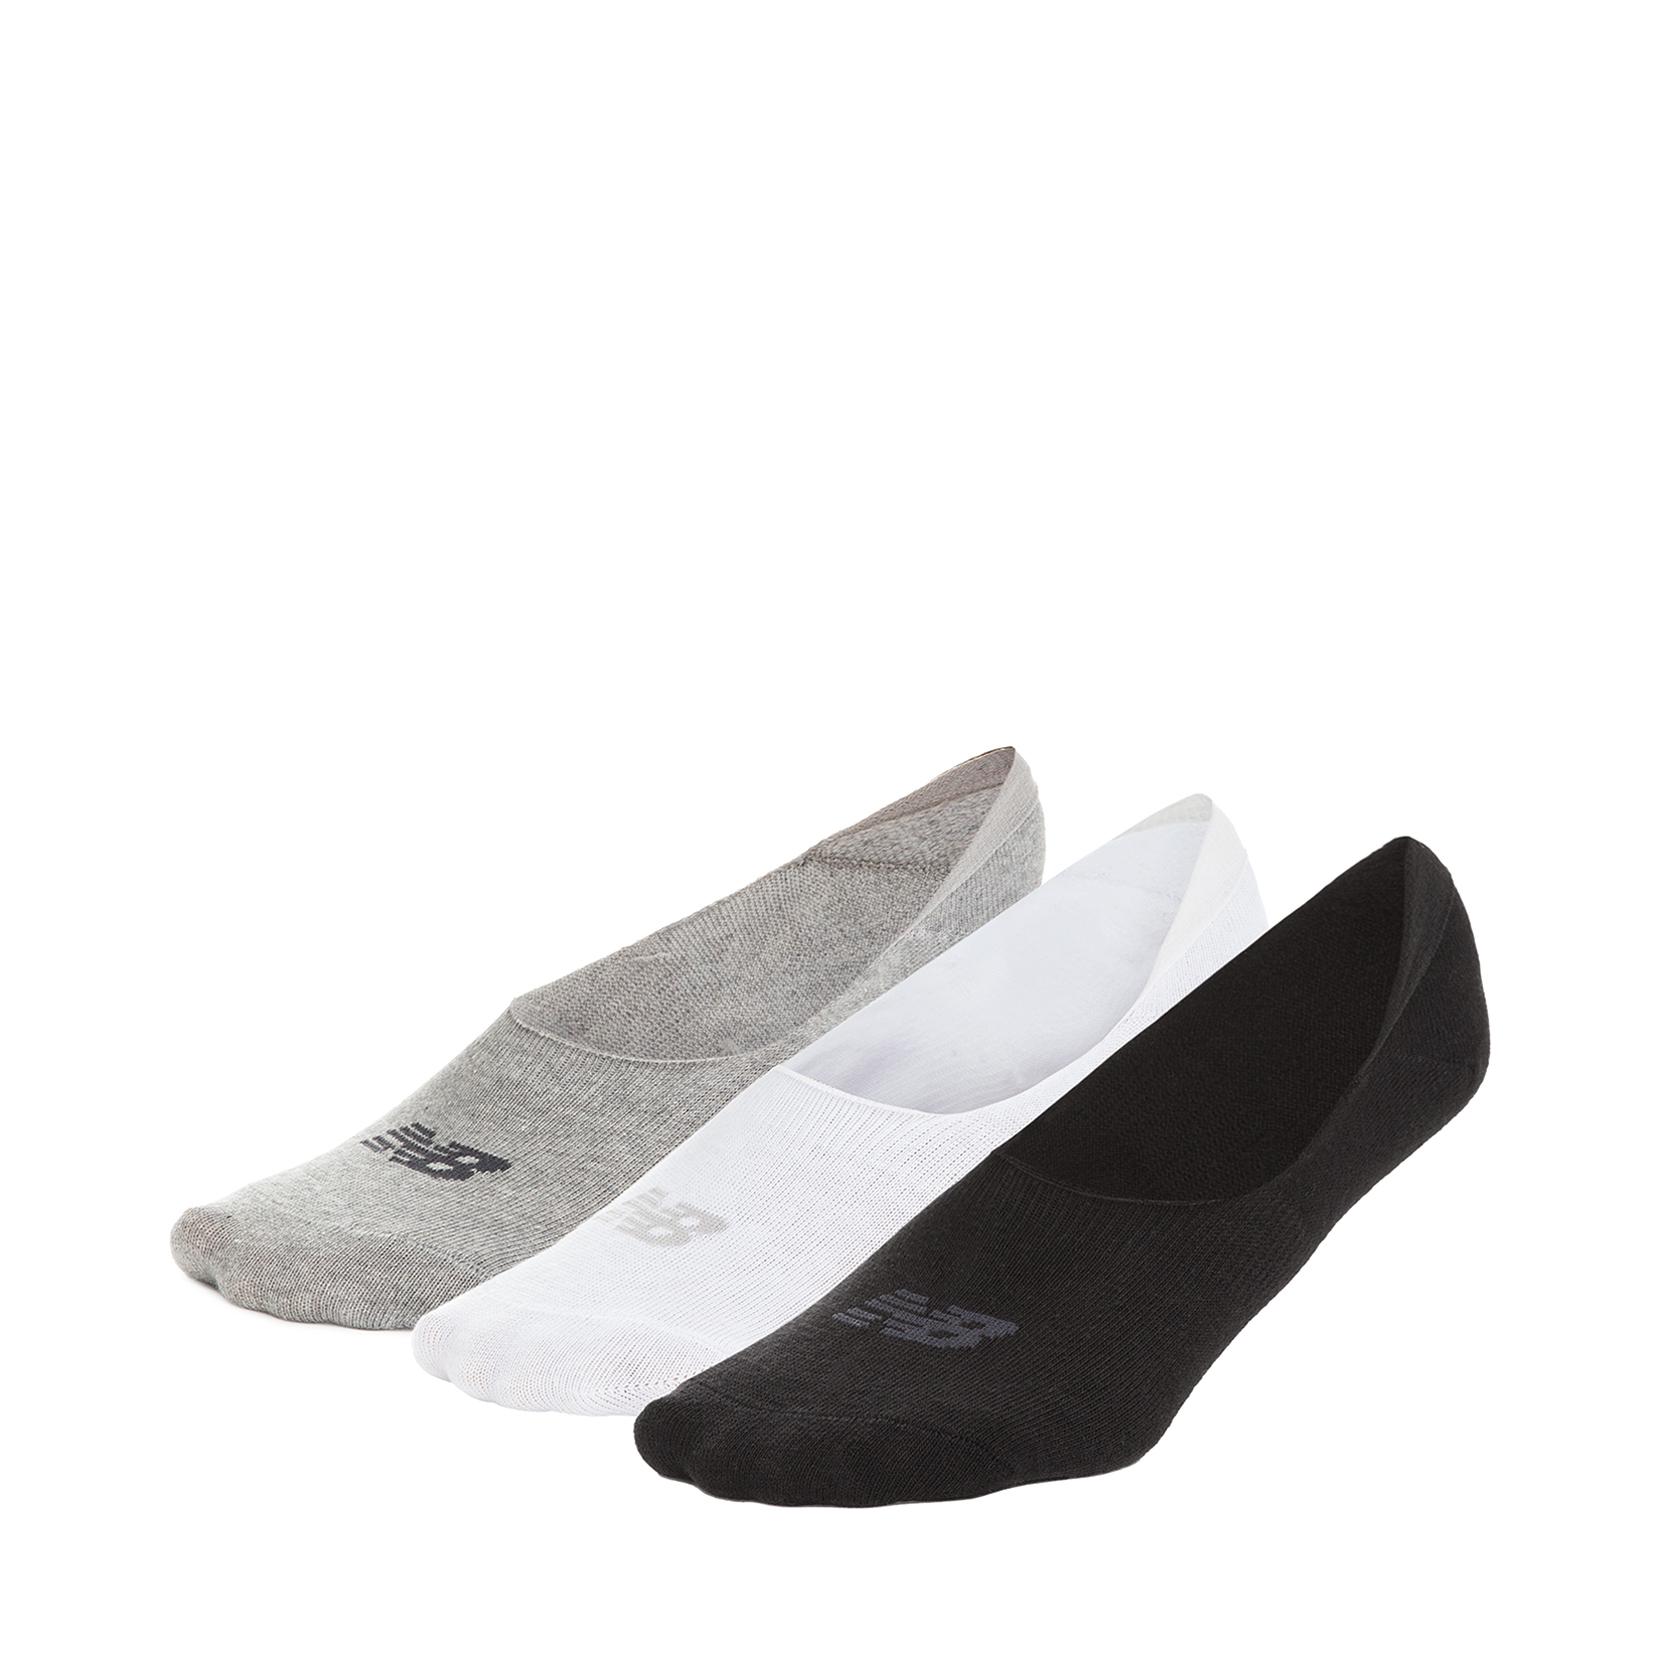 Сліди Ultra Low No Show - Flat Knit (3 пари) N622-3EU_AST | New Balance